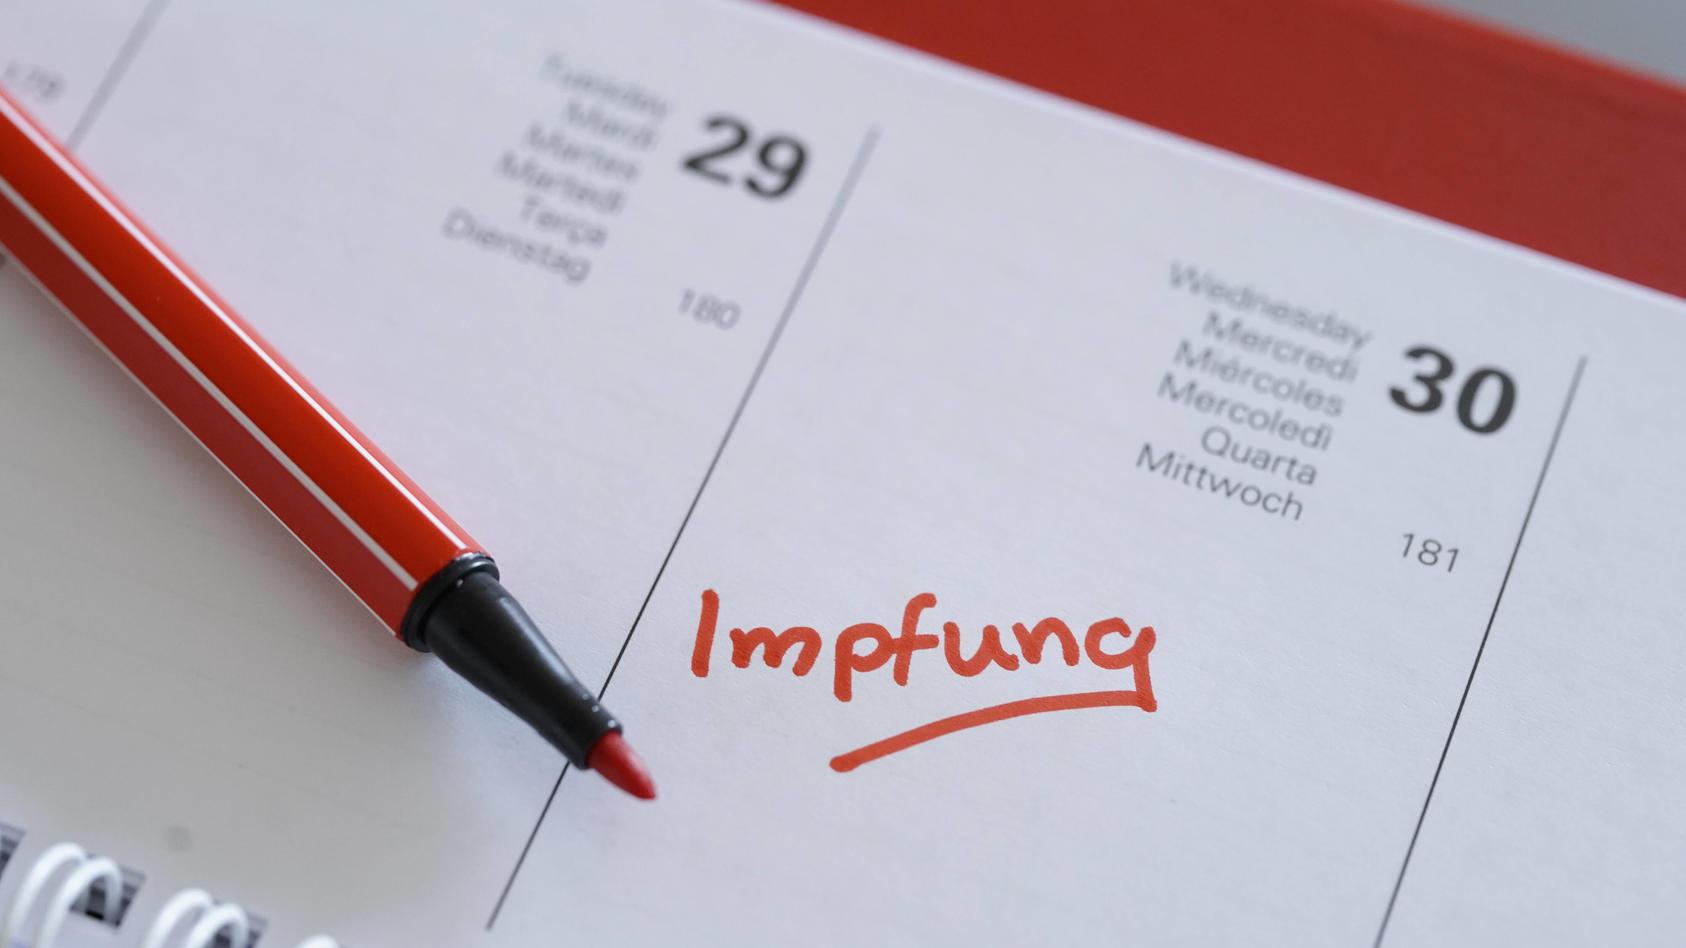 Symbolfoto Eintragung der Corona Impfung in den Terminkalender Symbolbild, Eintrag und Notiz des Impfetermin fuer eine C